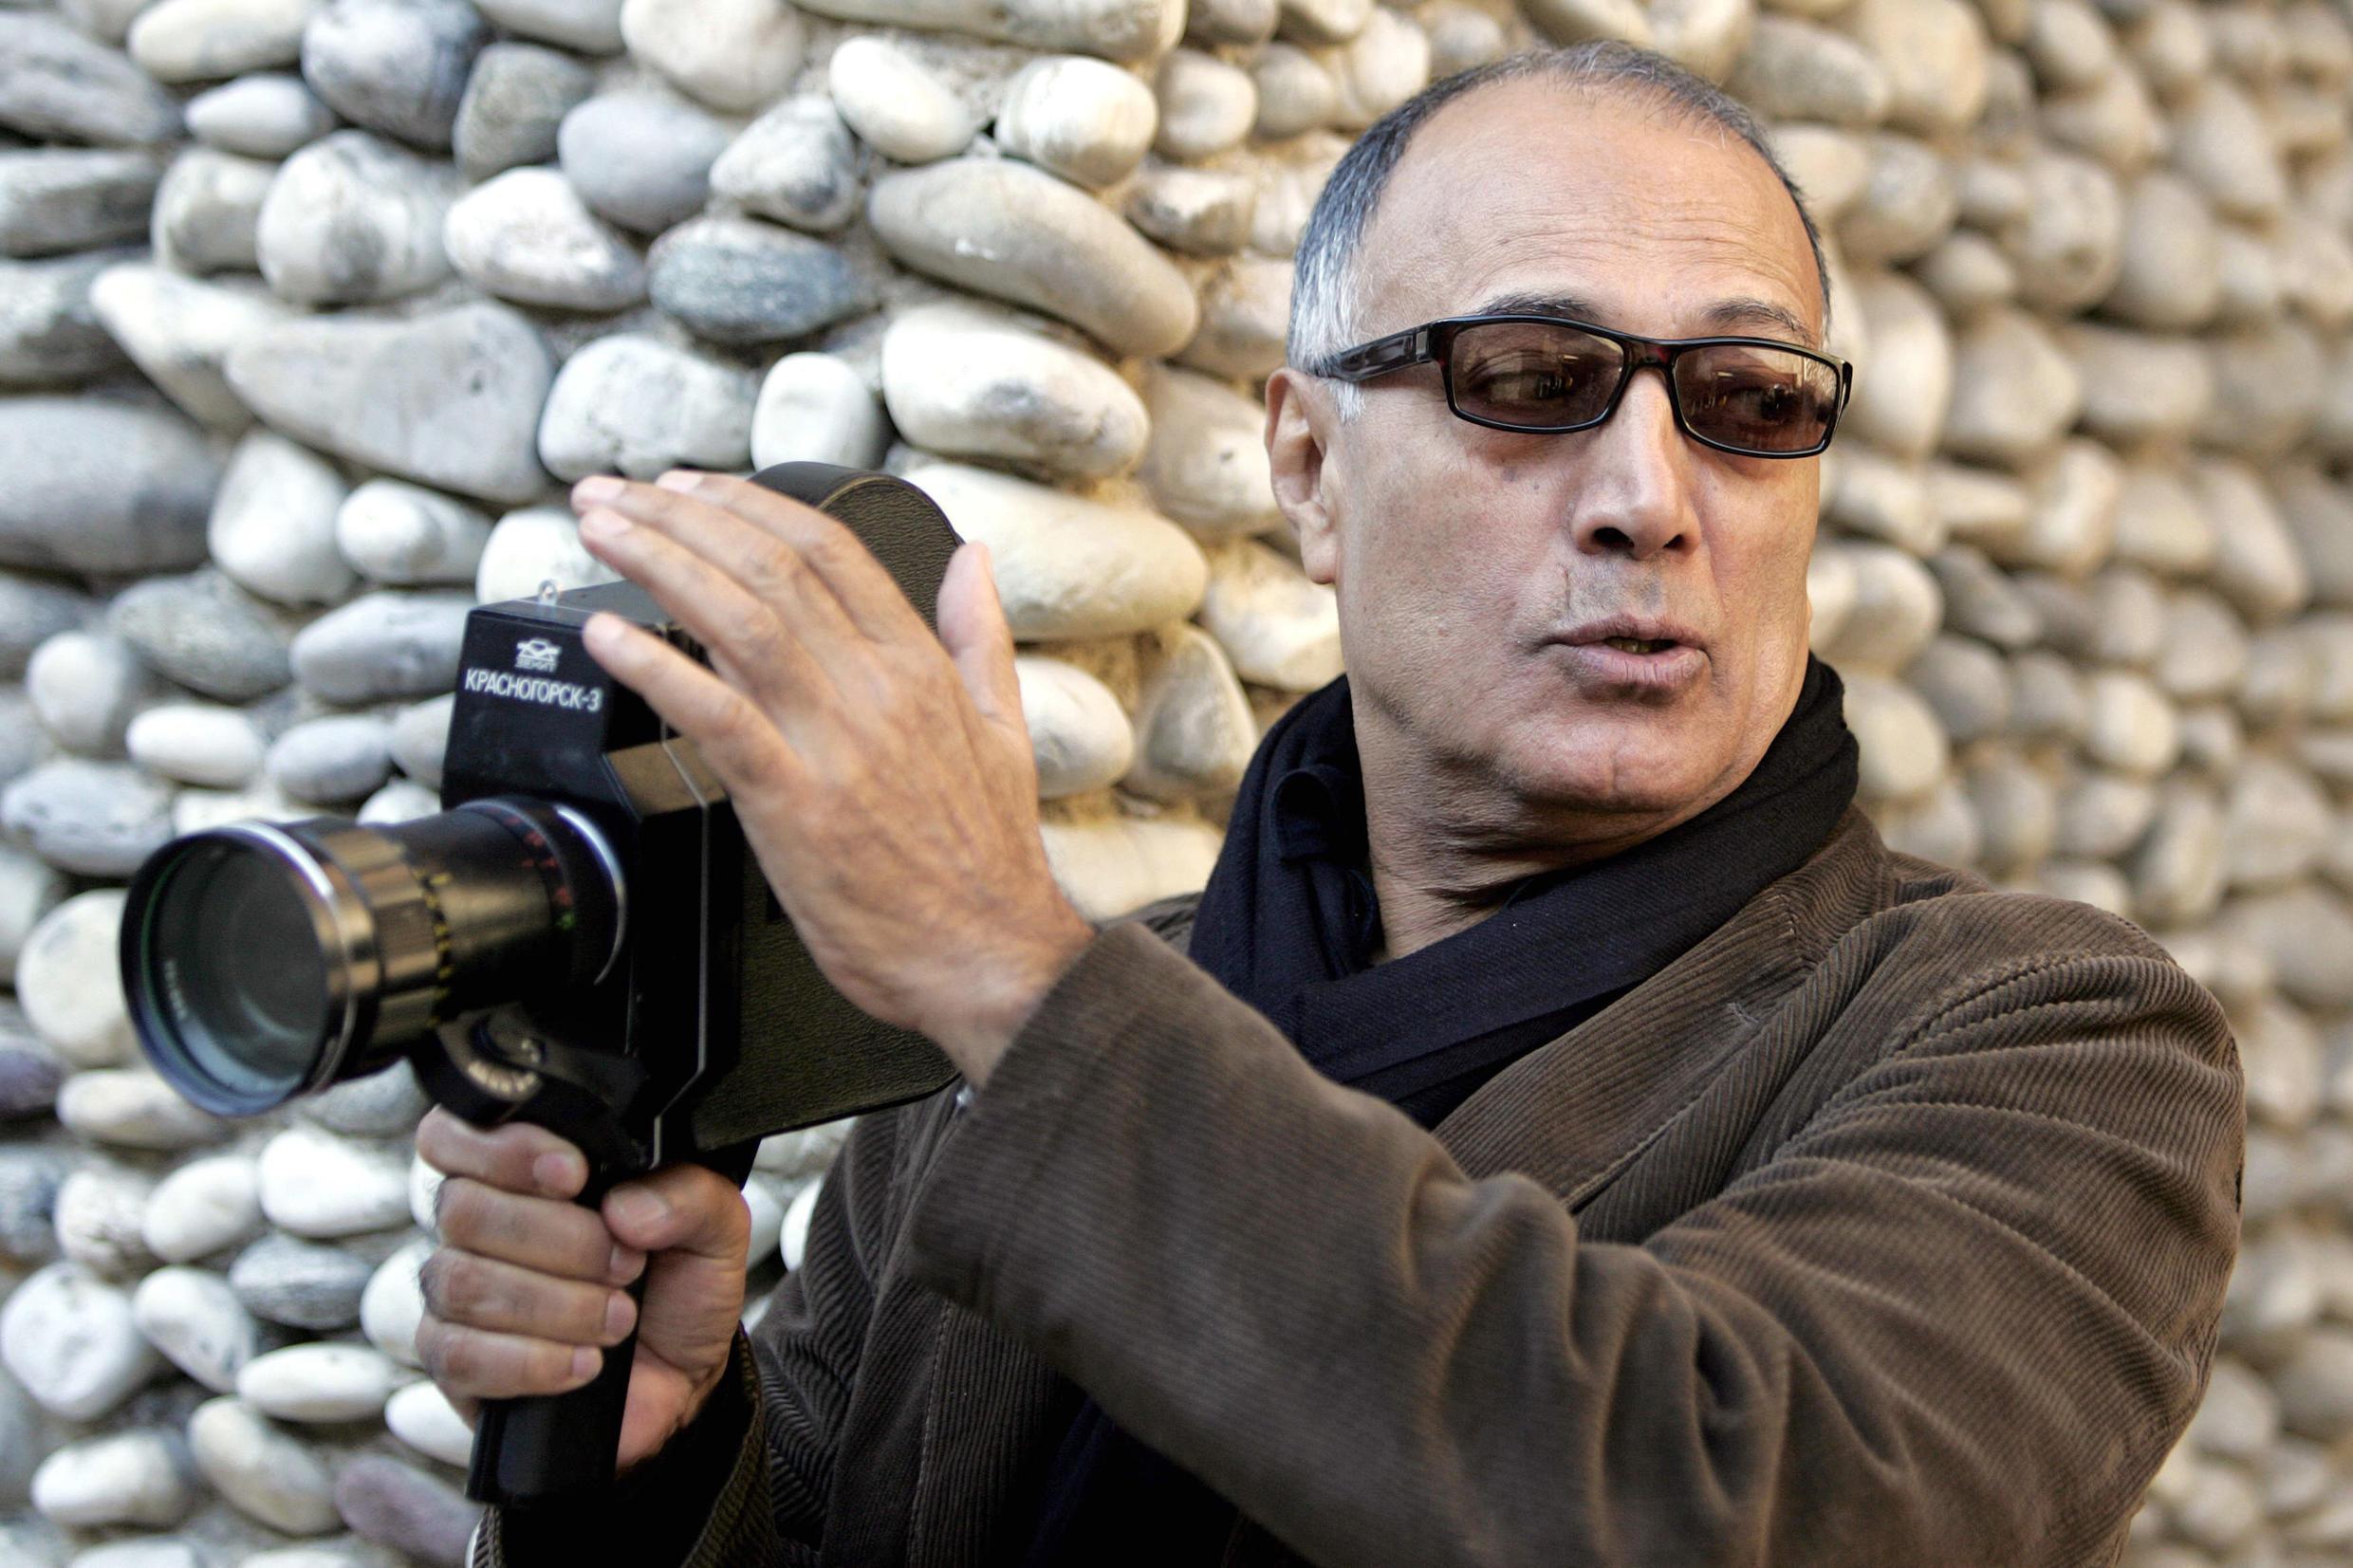 Abbas Kiarostami em Nice, sul da França, em 2007.